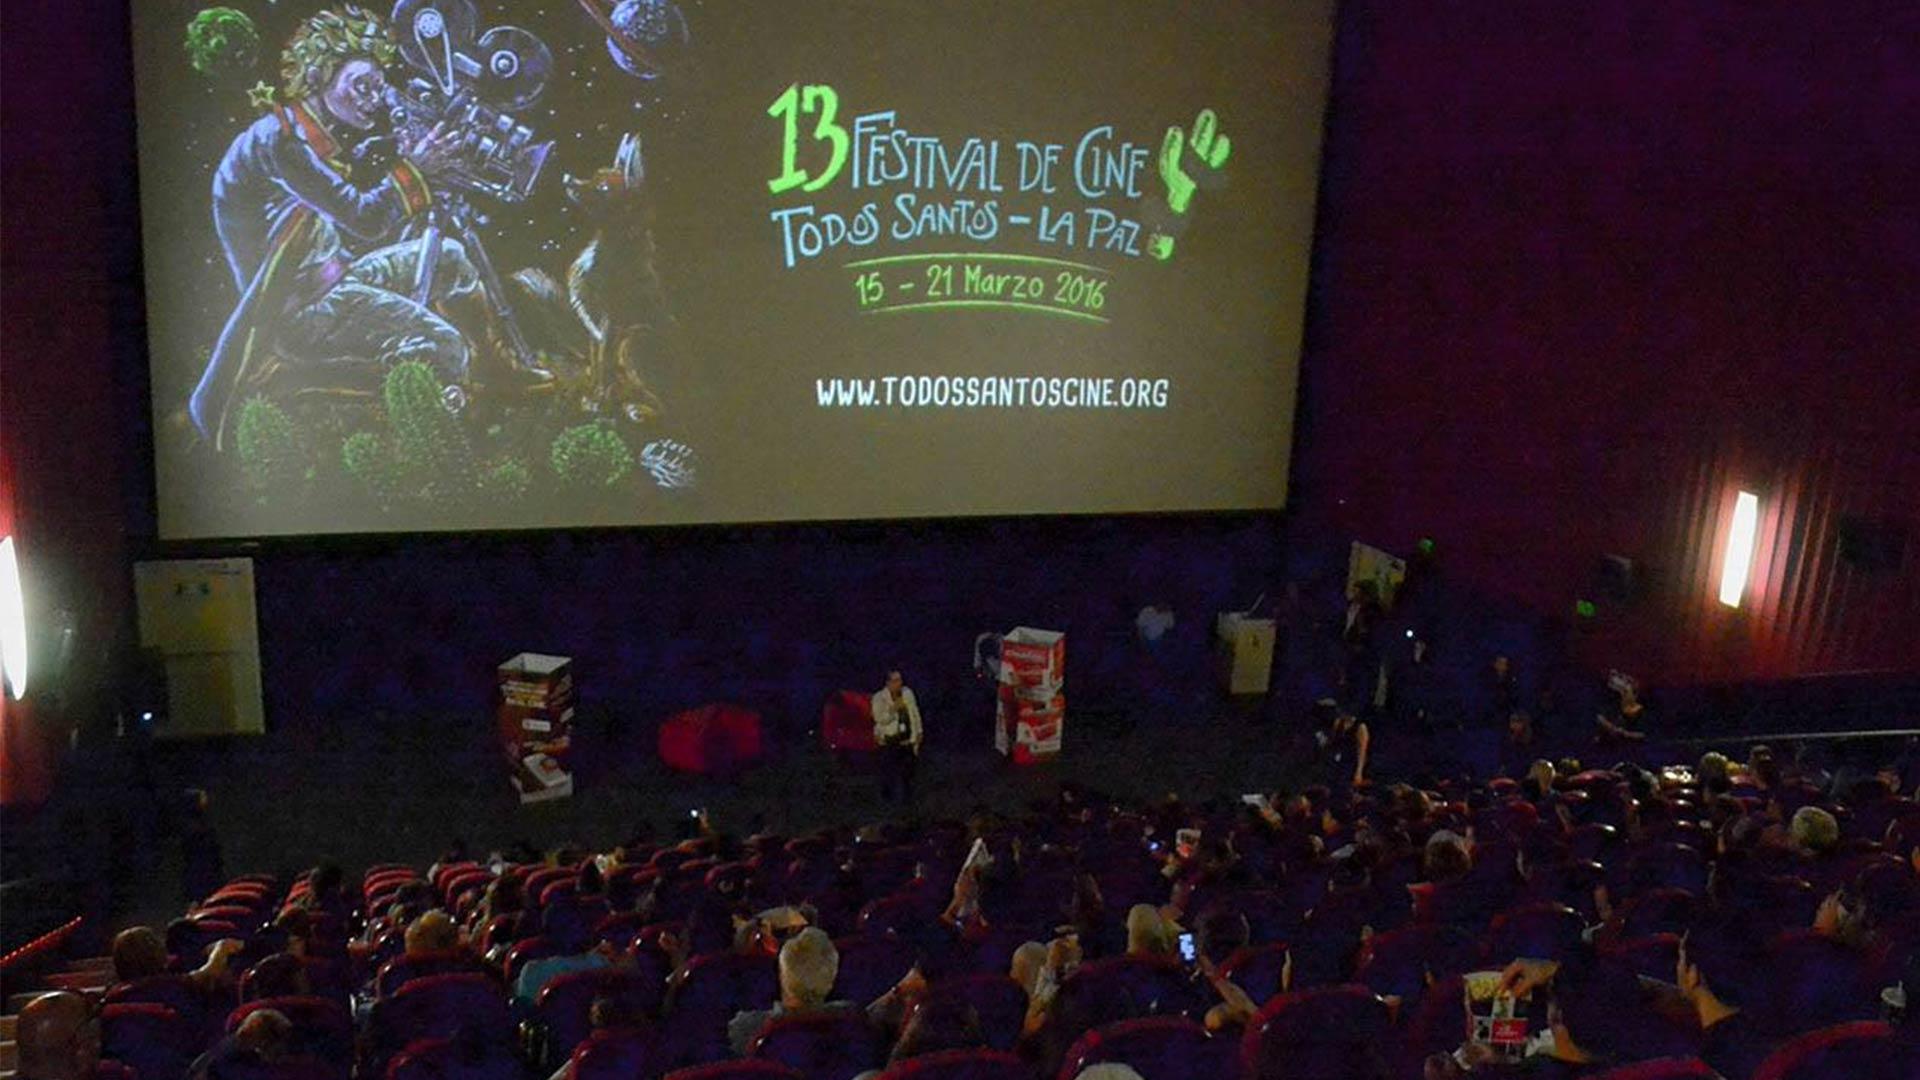 El Festival de Cine Todos Santos